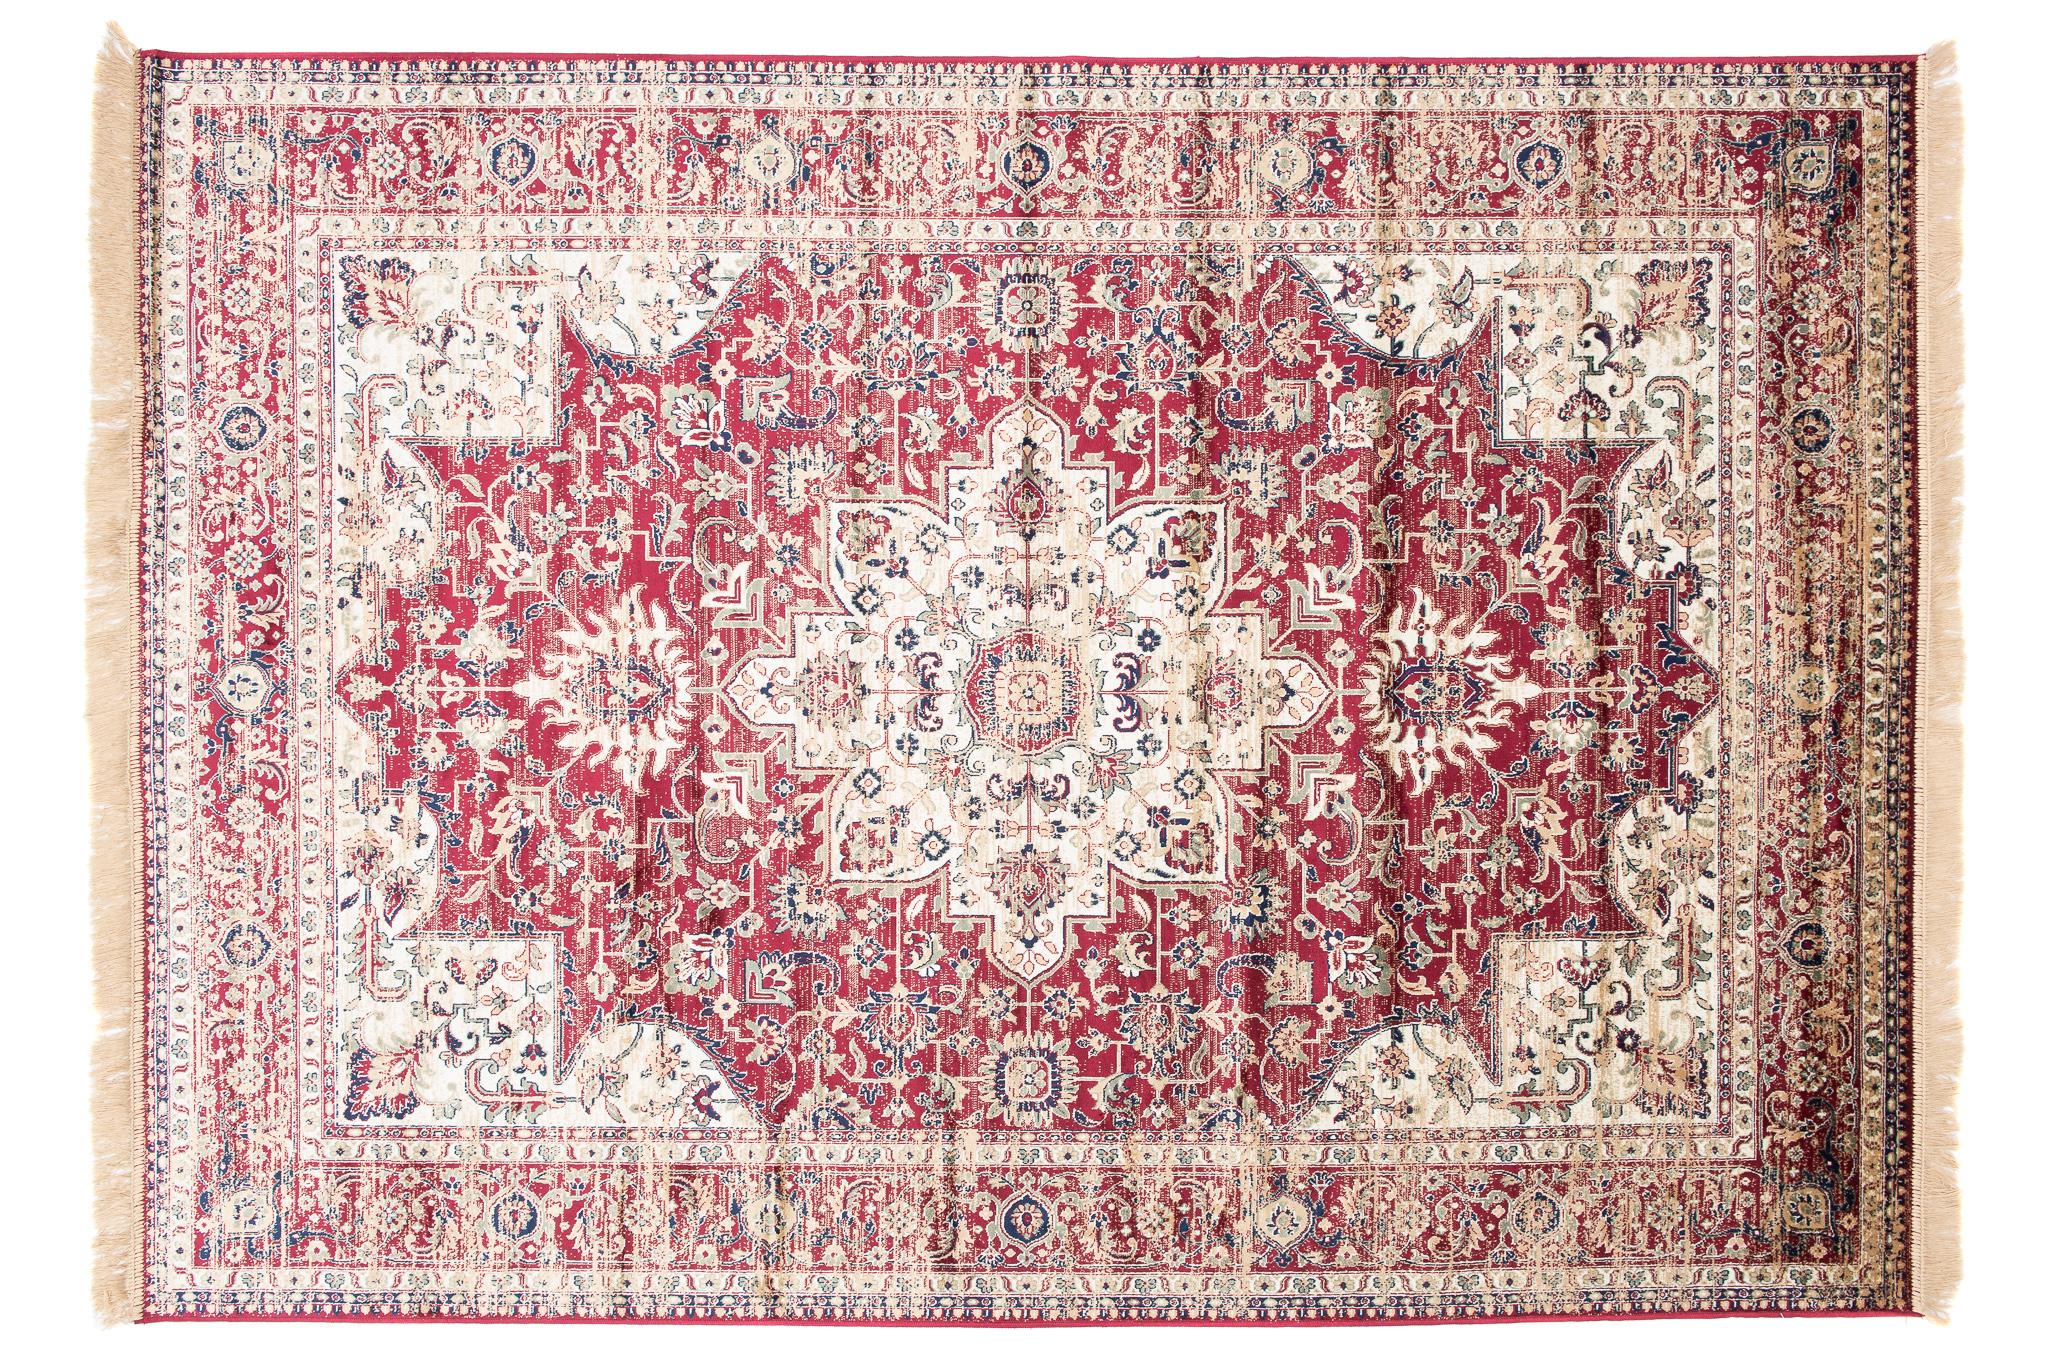 Dywan tradycyjny Isphahan 84486/43 WZORY KWIATOWE DO SALONU czerwony